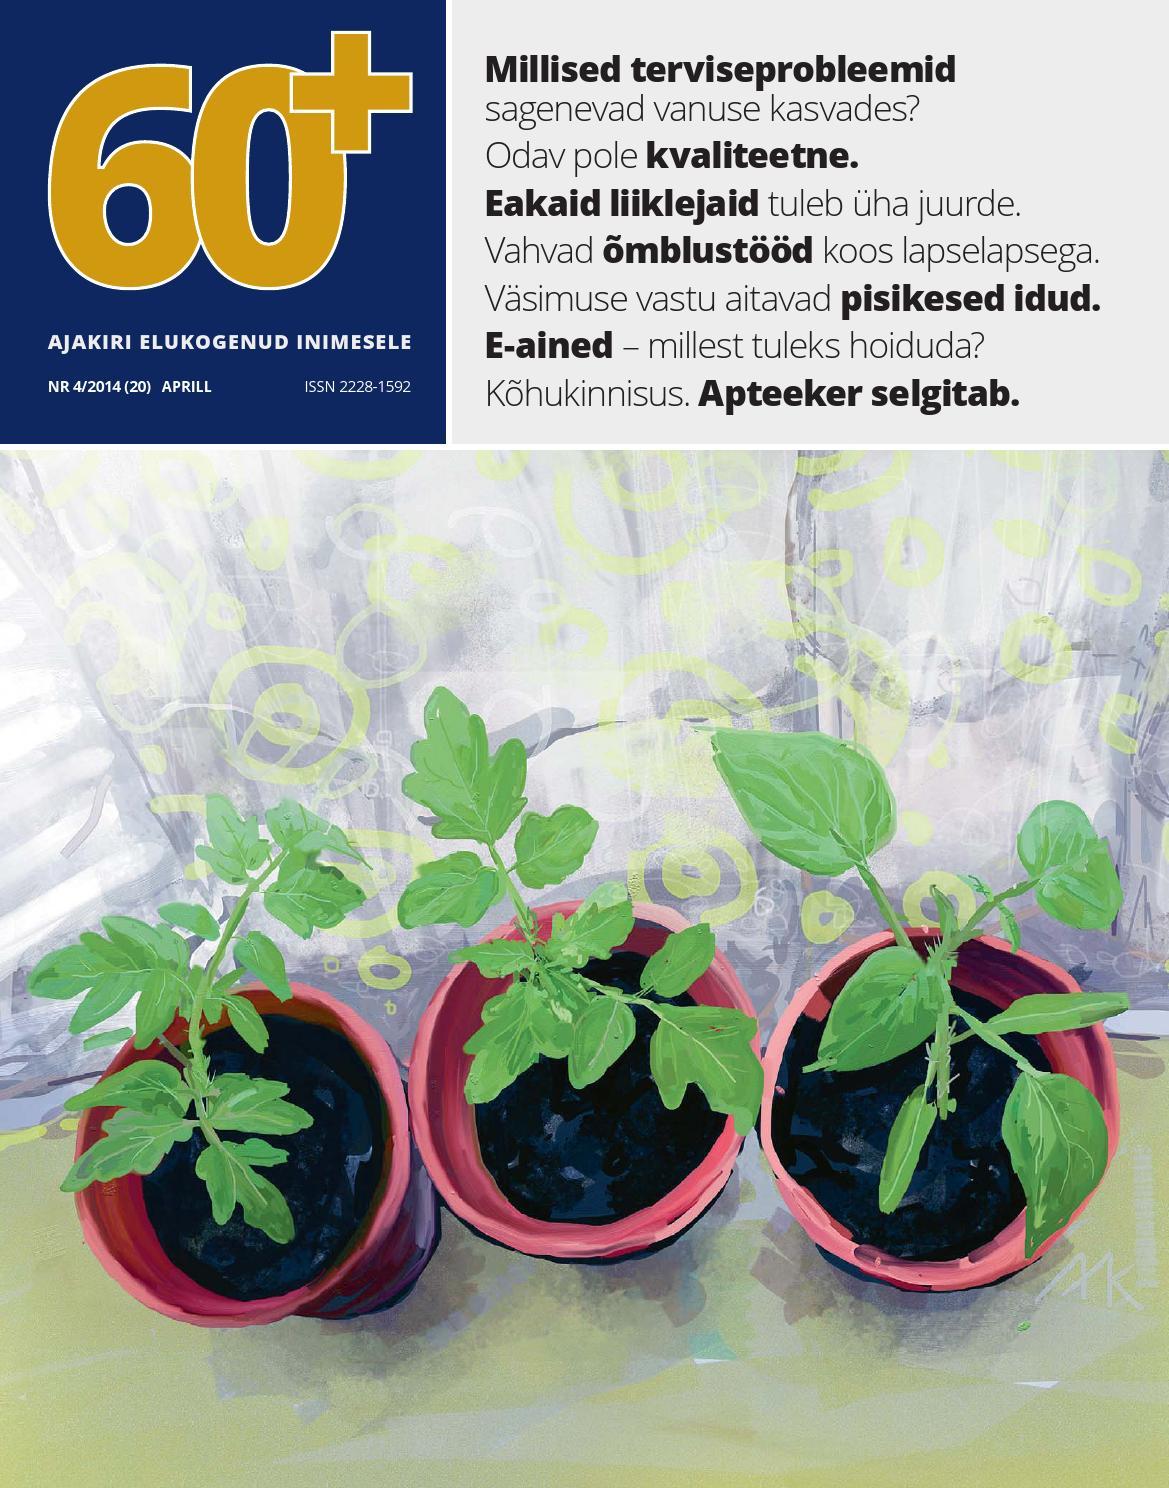 09b3e6a738b 60pluss nr 4/2014 by AS Eesti Meedia - issuu